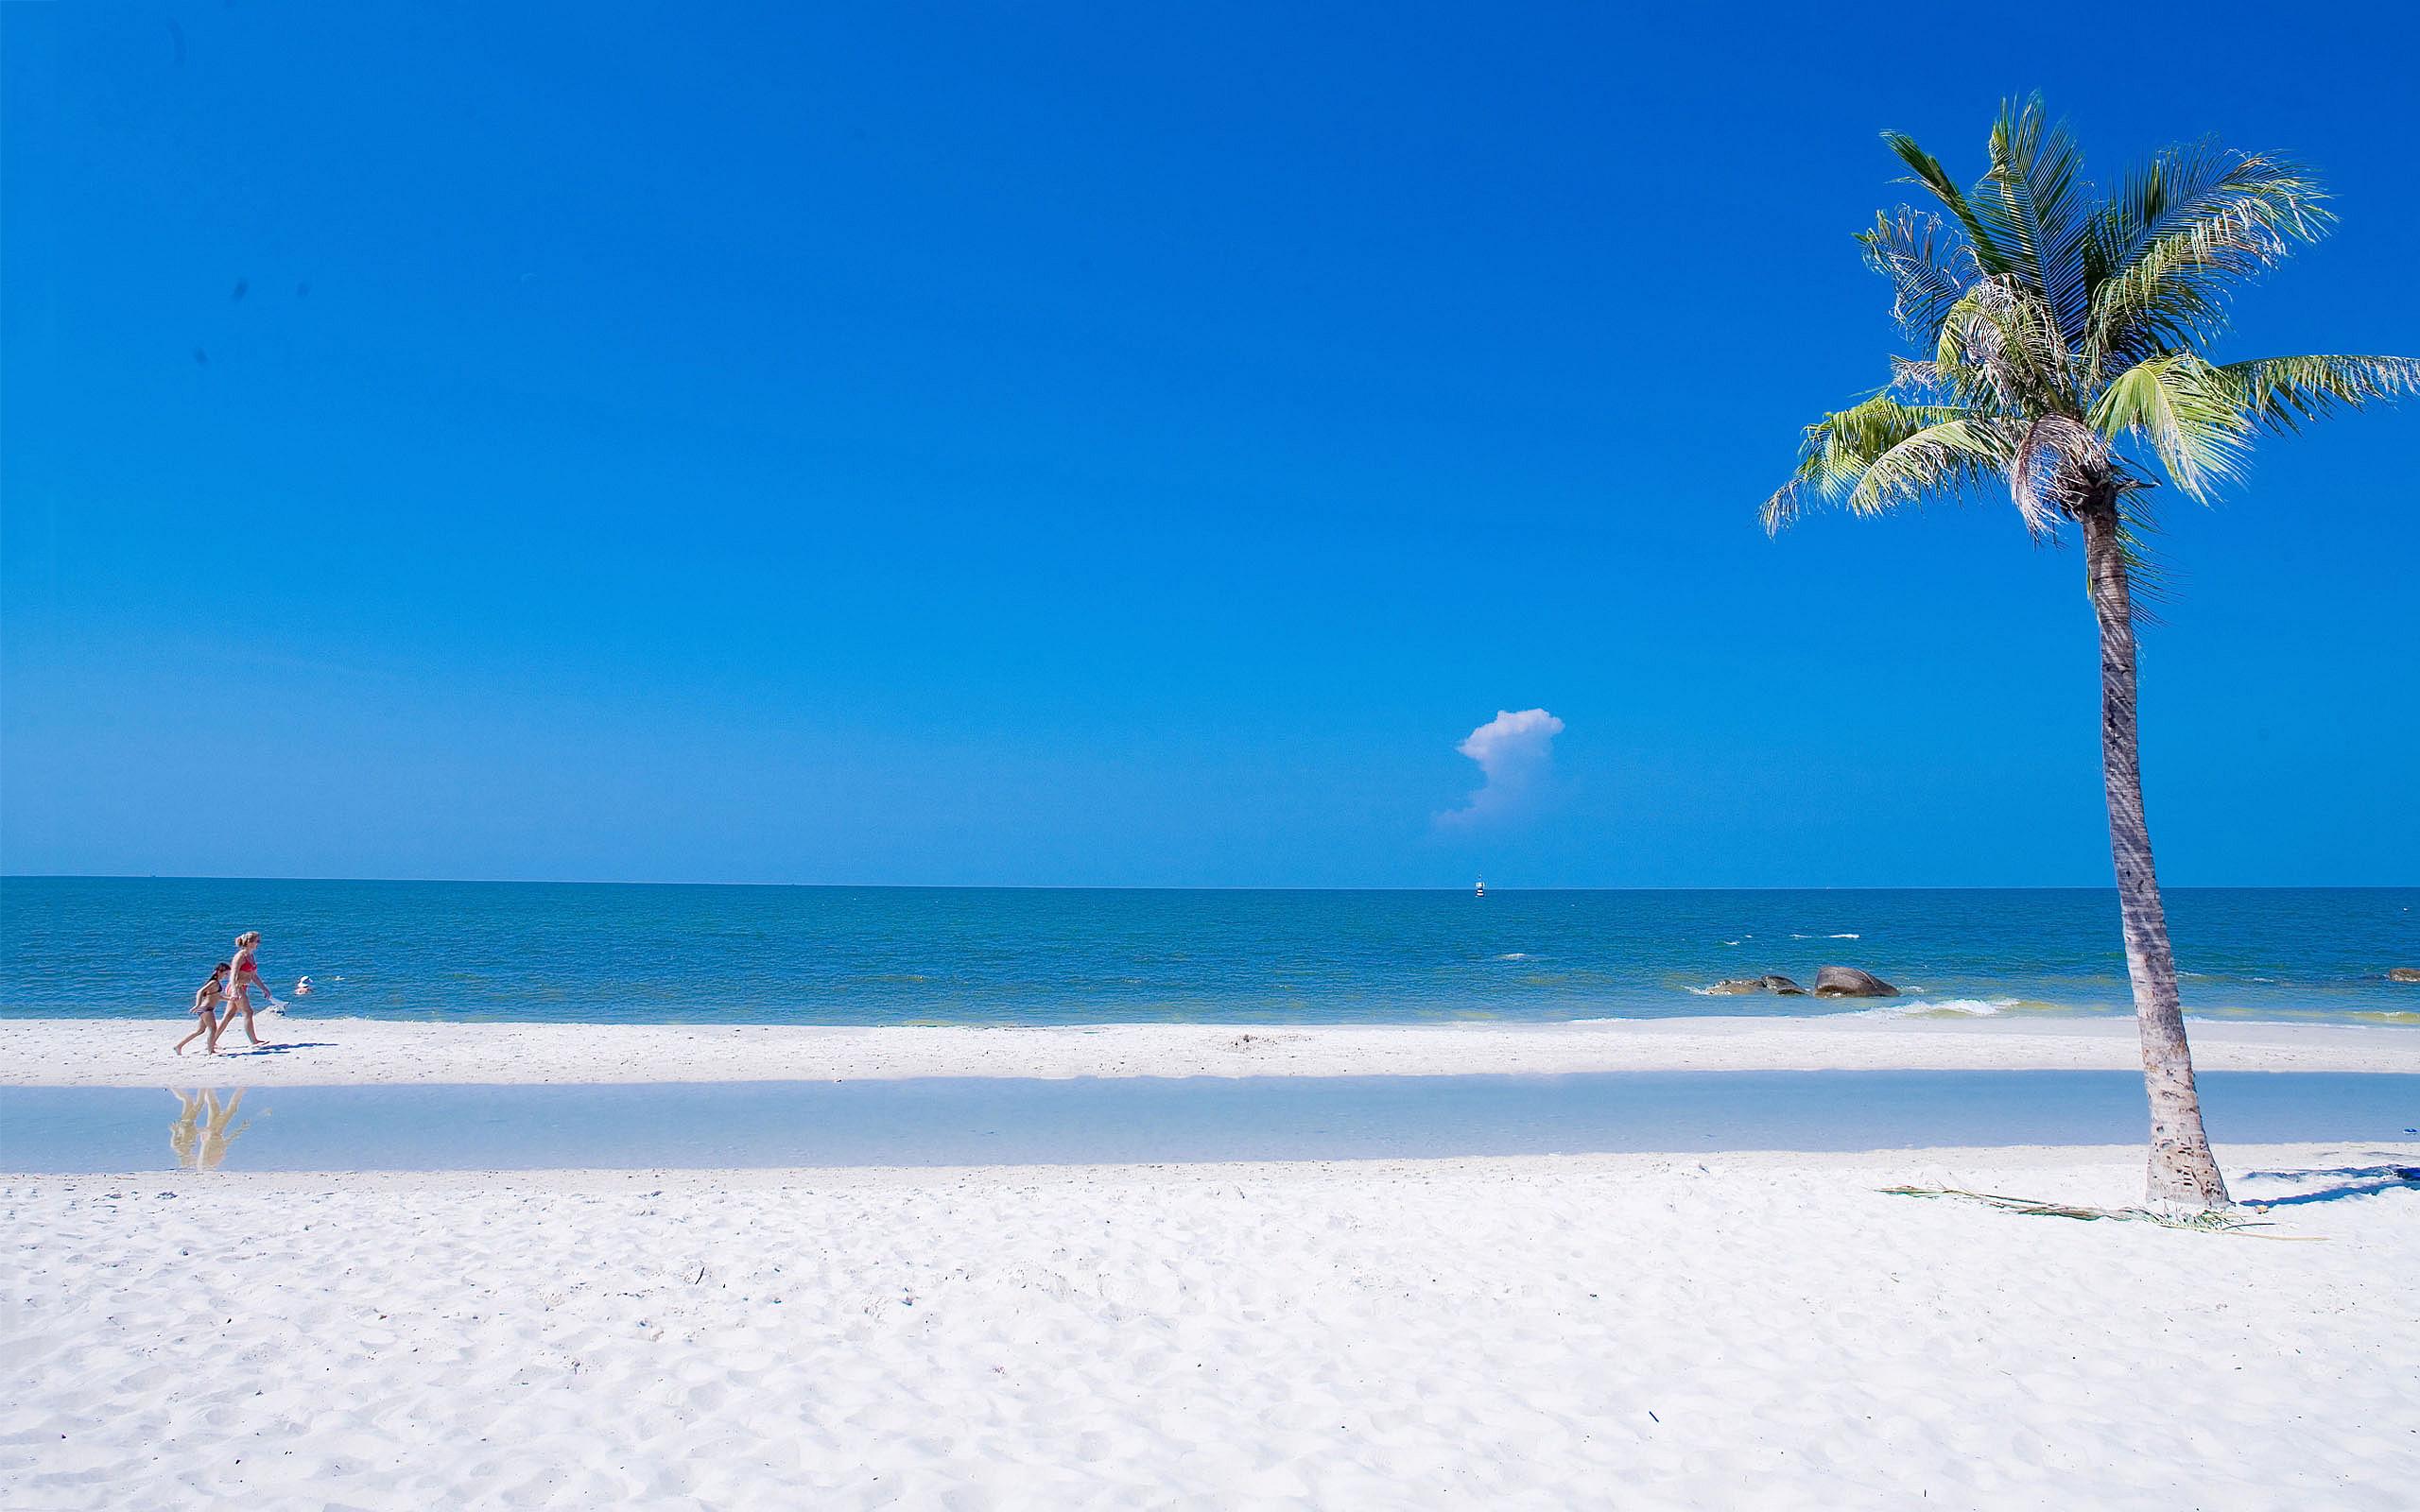 Beach Summer Ocean Wallpaper Full HD ImageBankbiz 2560x1600